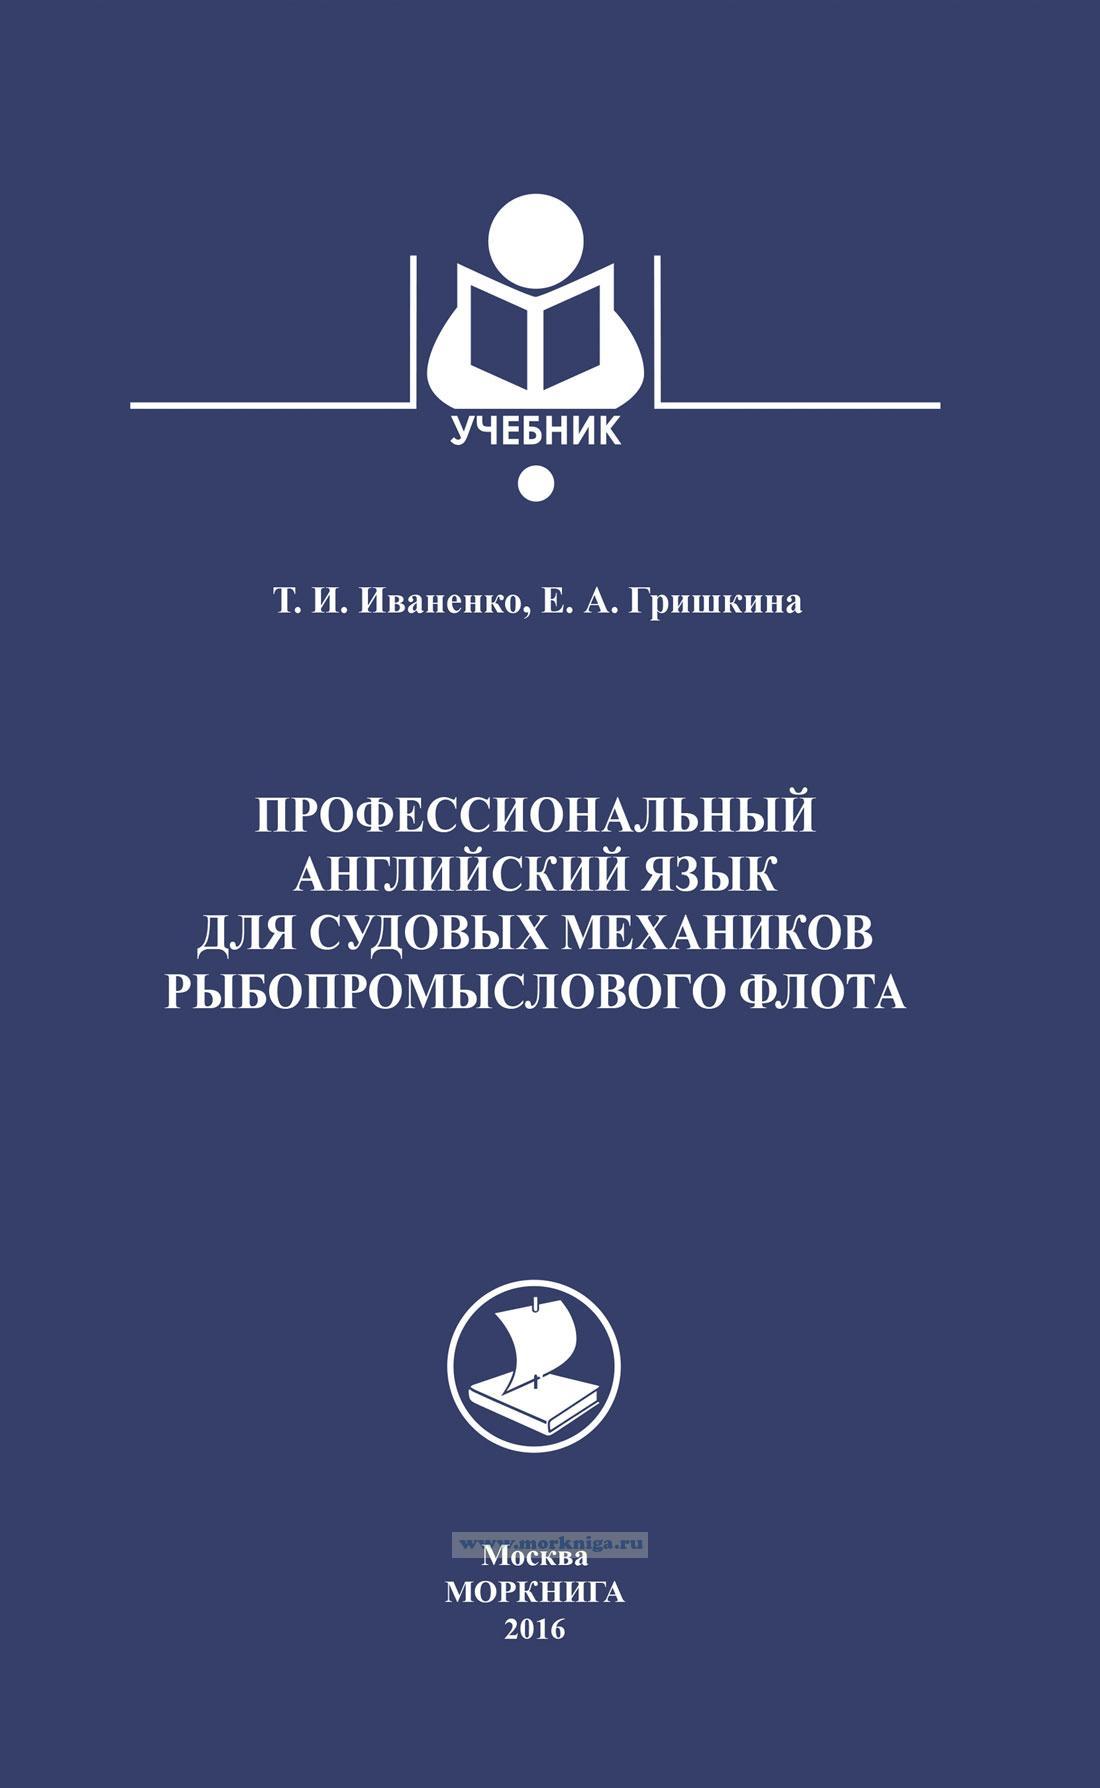 Профессиональный английский язык для судовых механиков рыбопромыслового флота